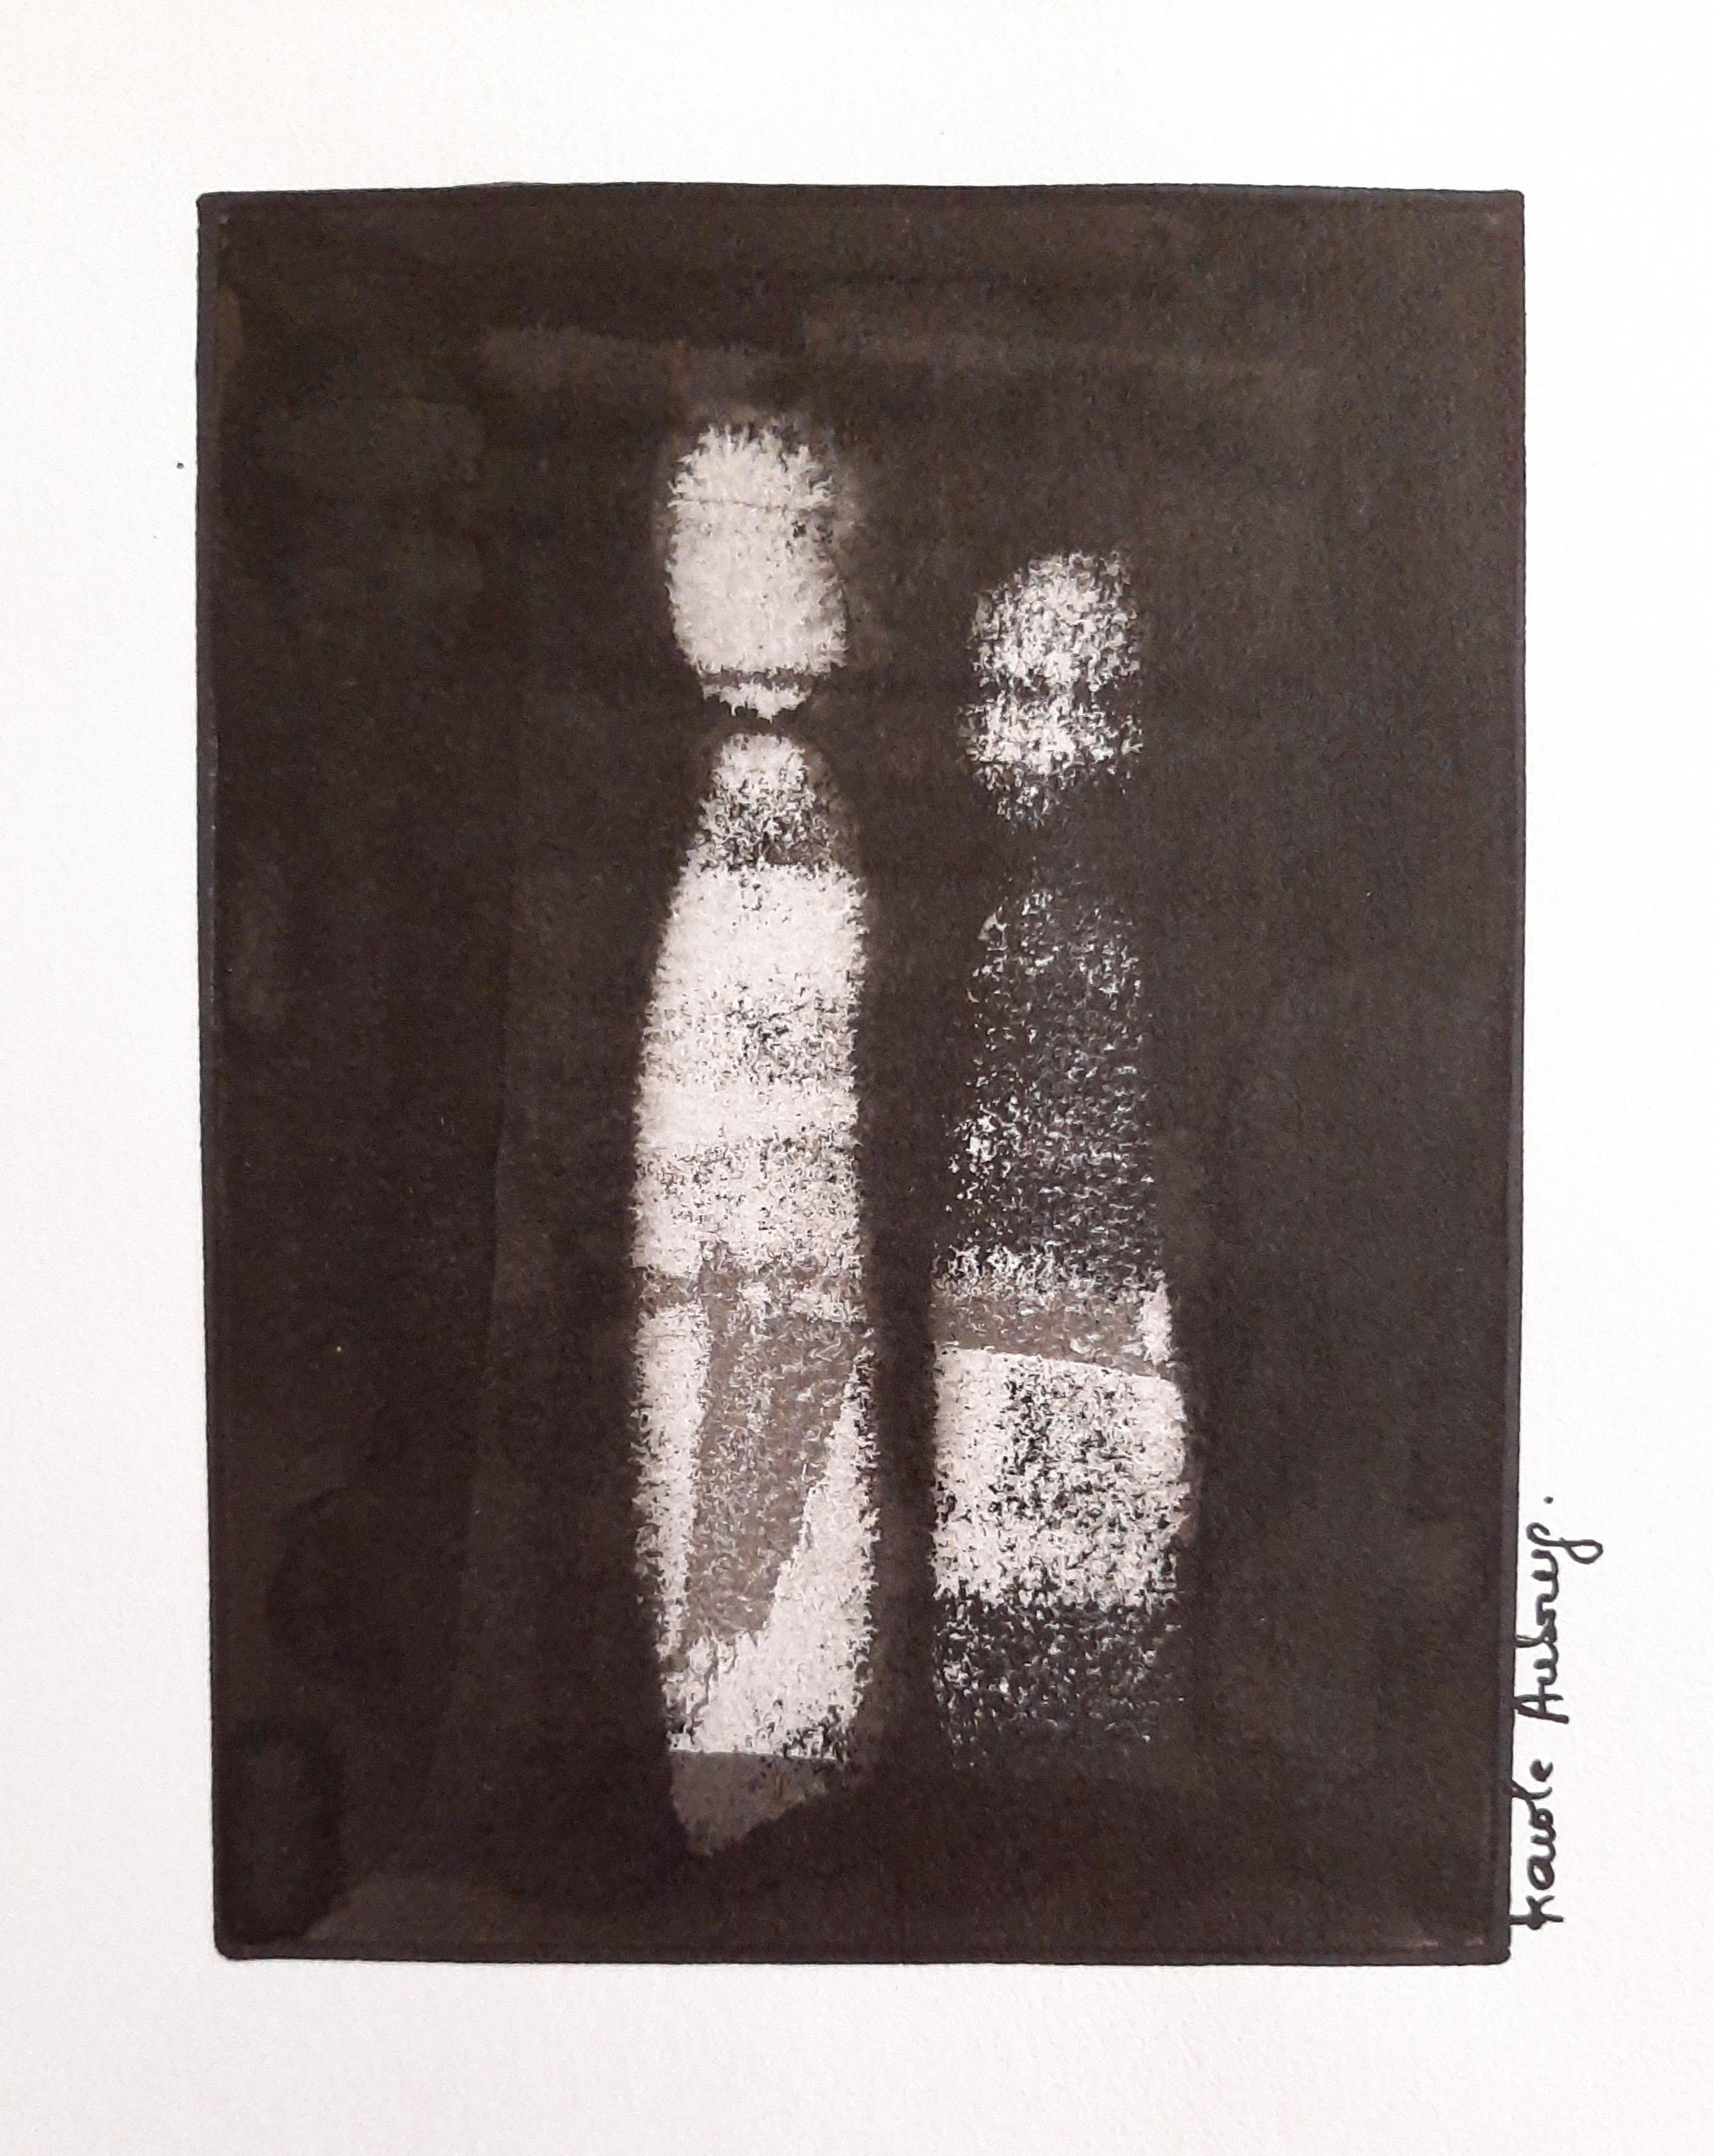 Encre de Chine sur papier numero 15 Karole Aubourg Dim 30 x 21 cm